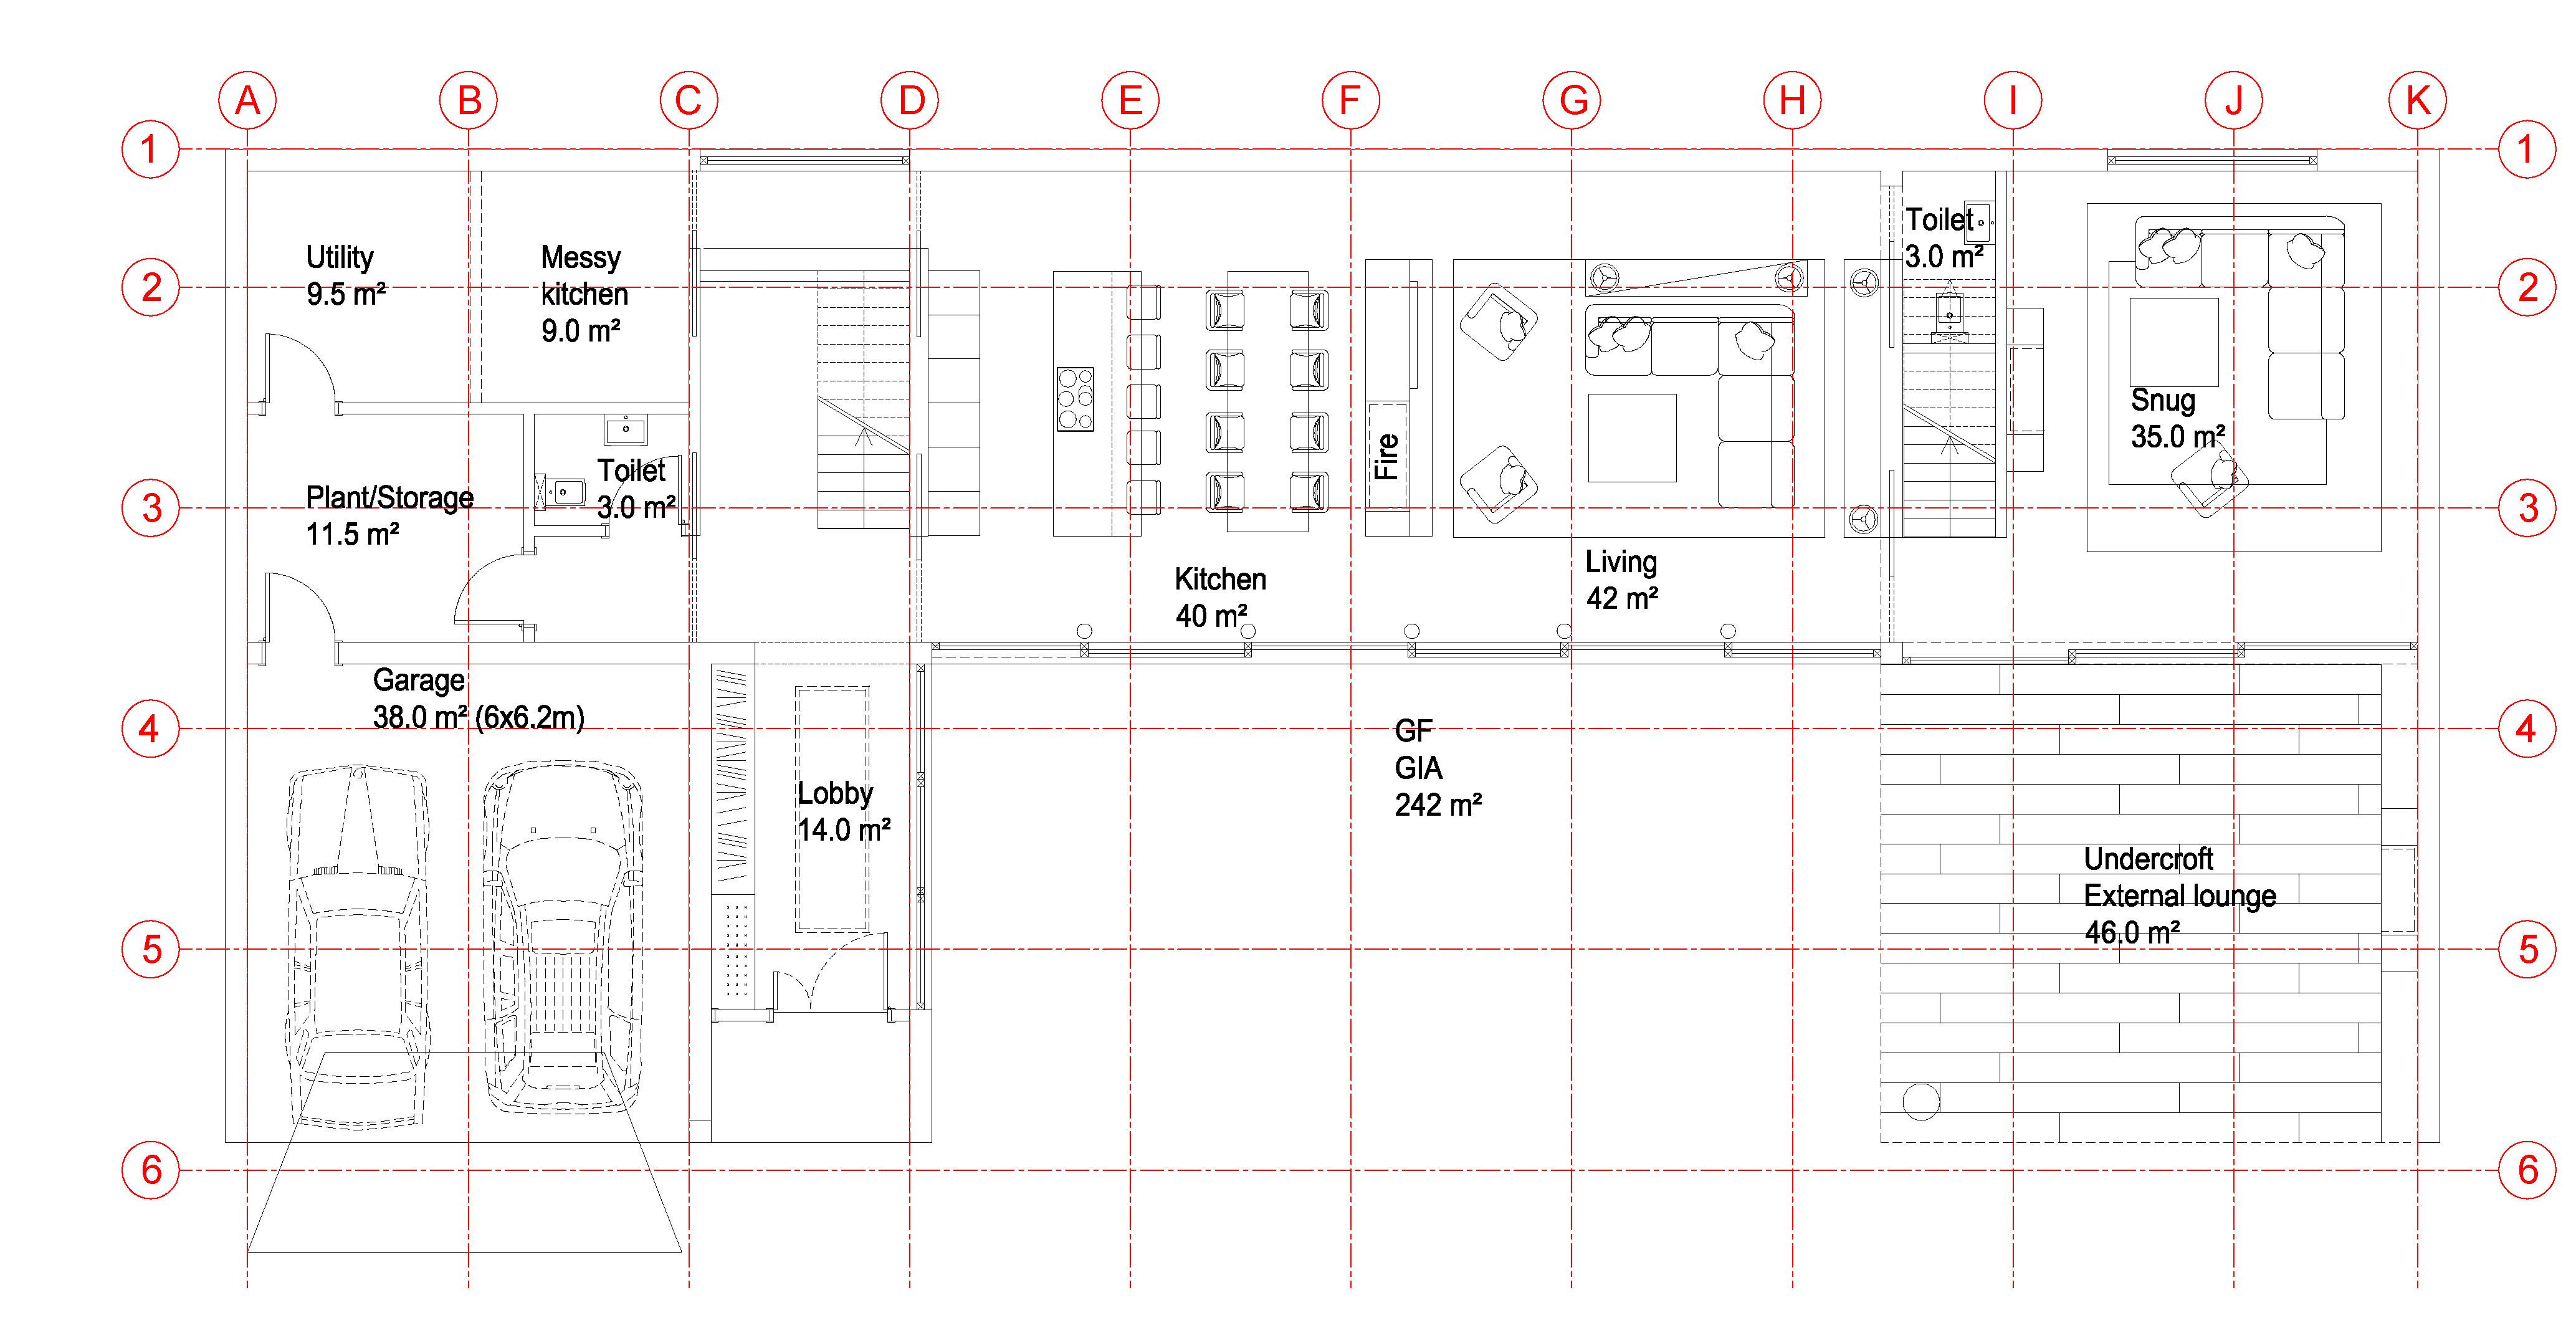 Chislehurst house concept